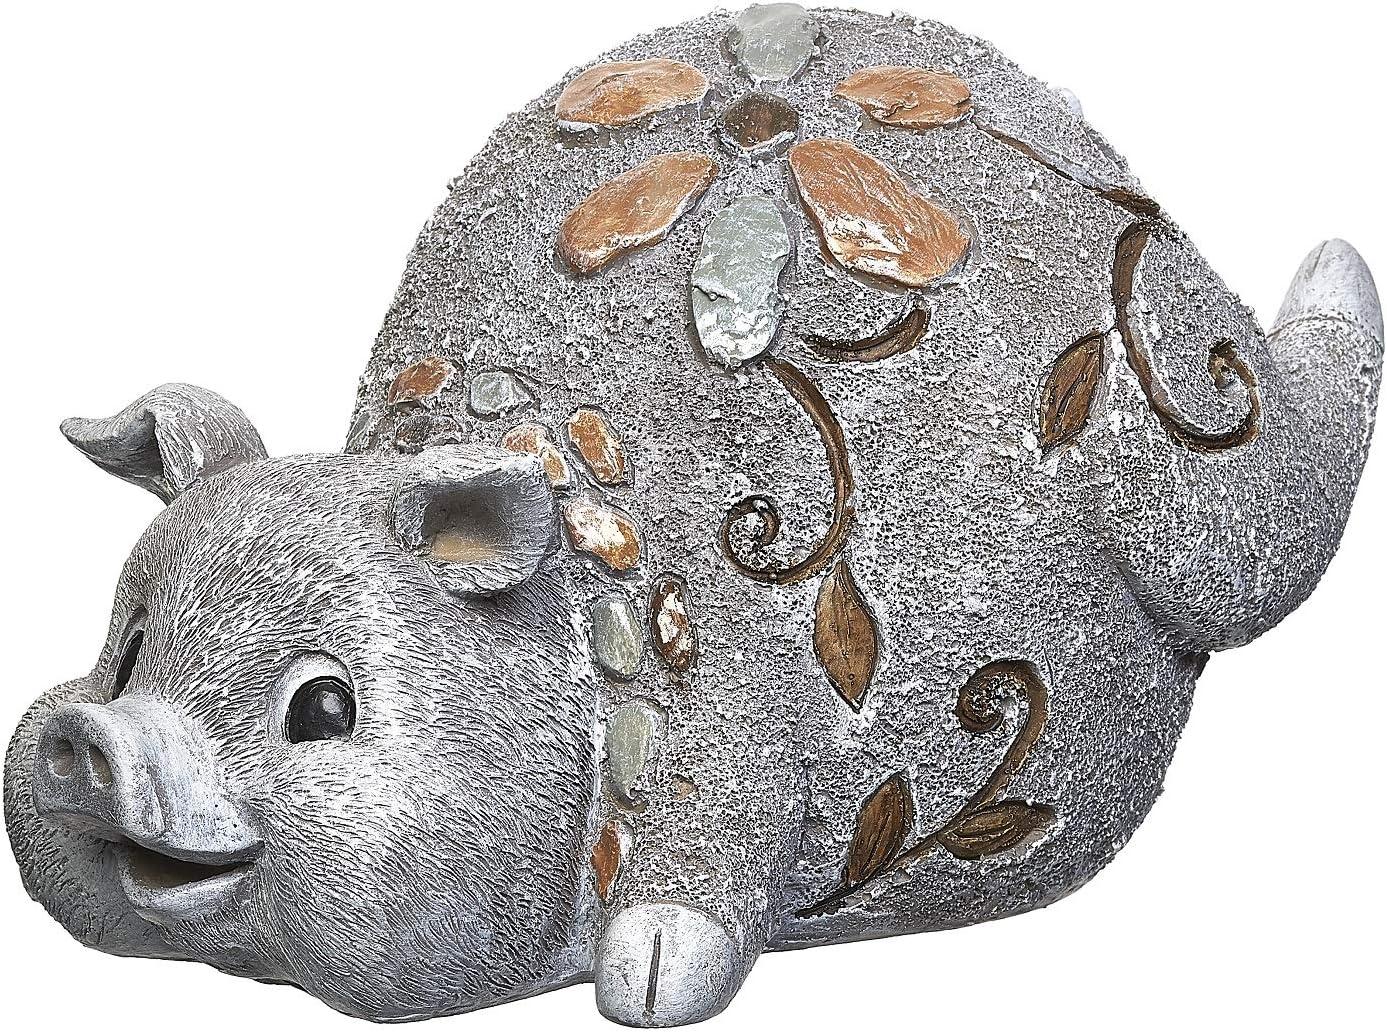 Roman Garden - Pebble Pig Statue, 6H, Garden Collection, Resin and Stone, Decorative, Garden Gift, Home Outdoor Decor, Durable, Long Lasting